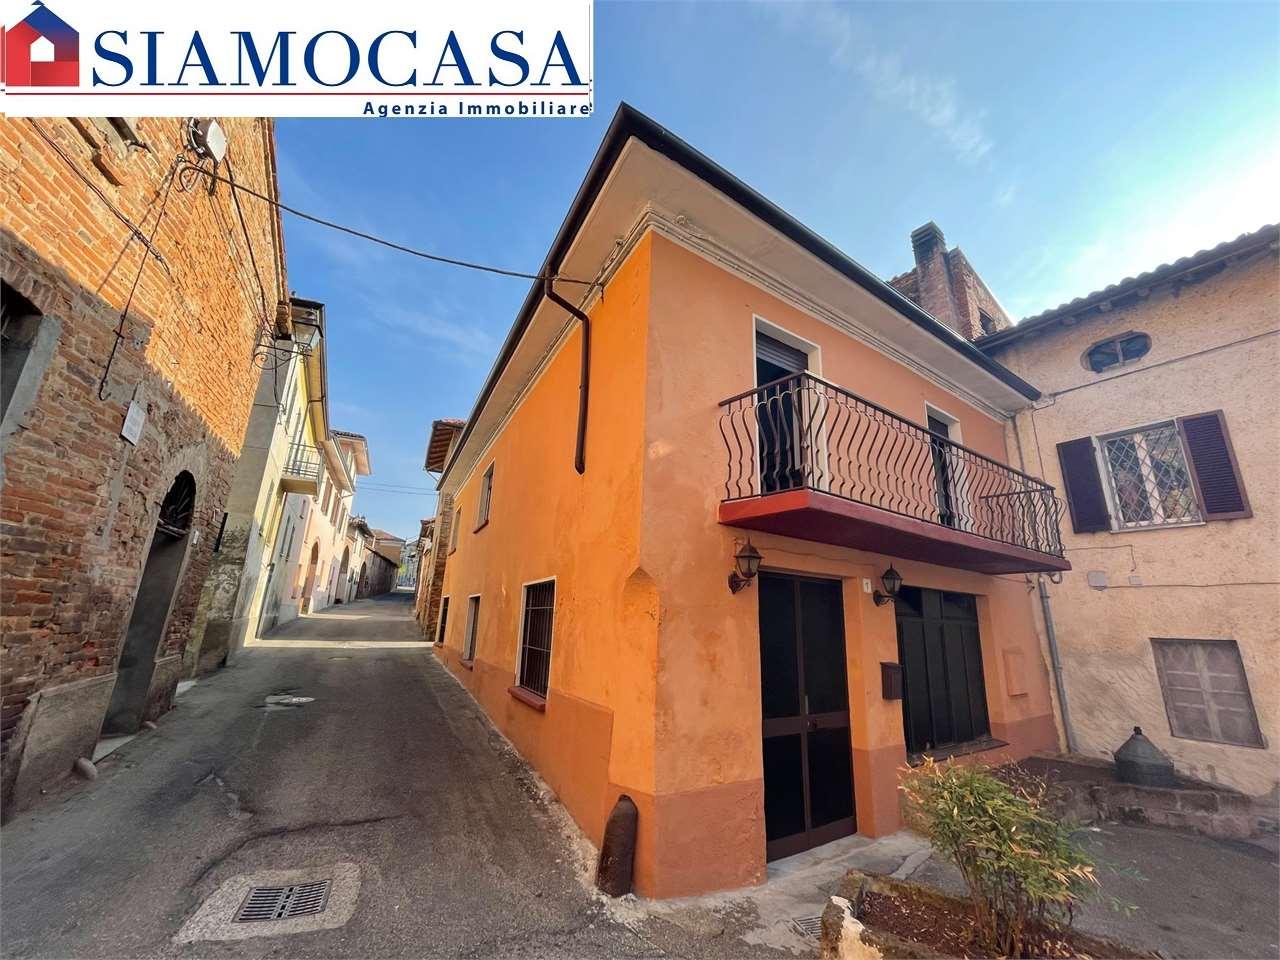 Negozio / Locale in vendita a Pecetto di Valenza, 6 locali, prezzo € 160.000 | CambioCasa.it